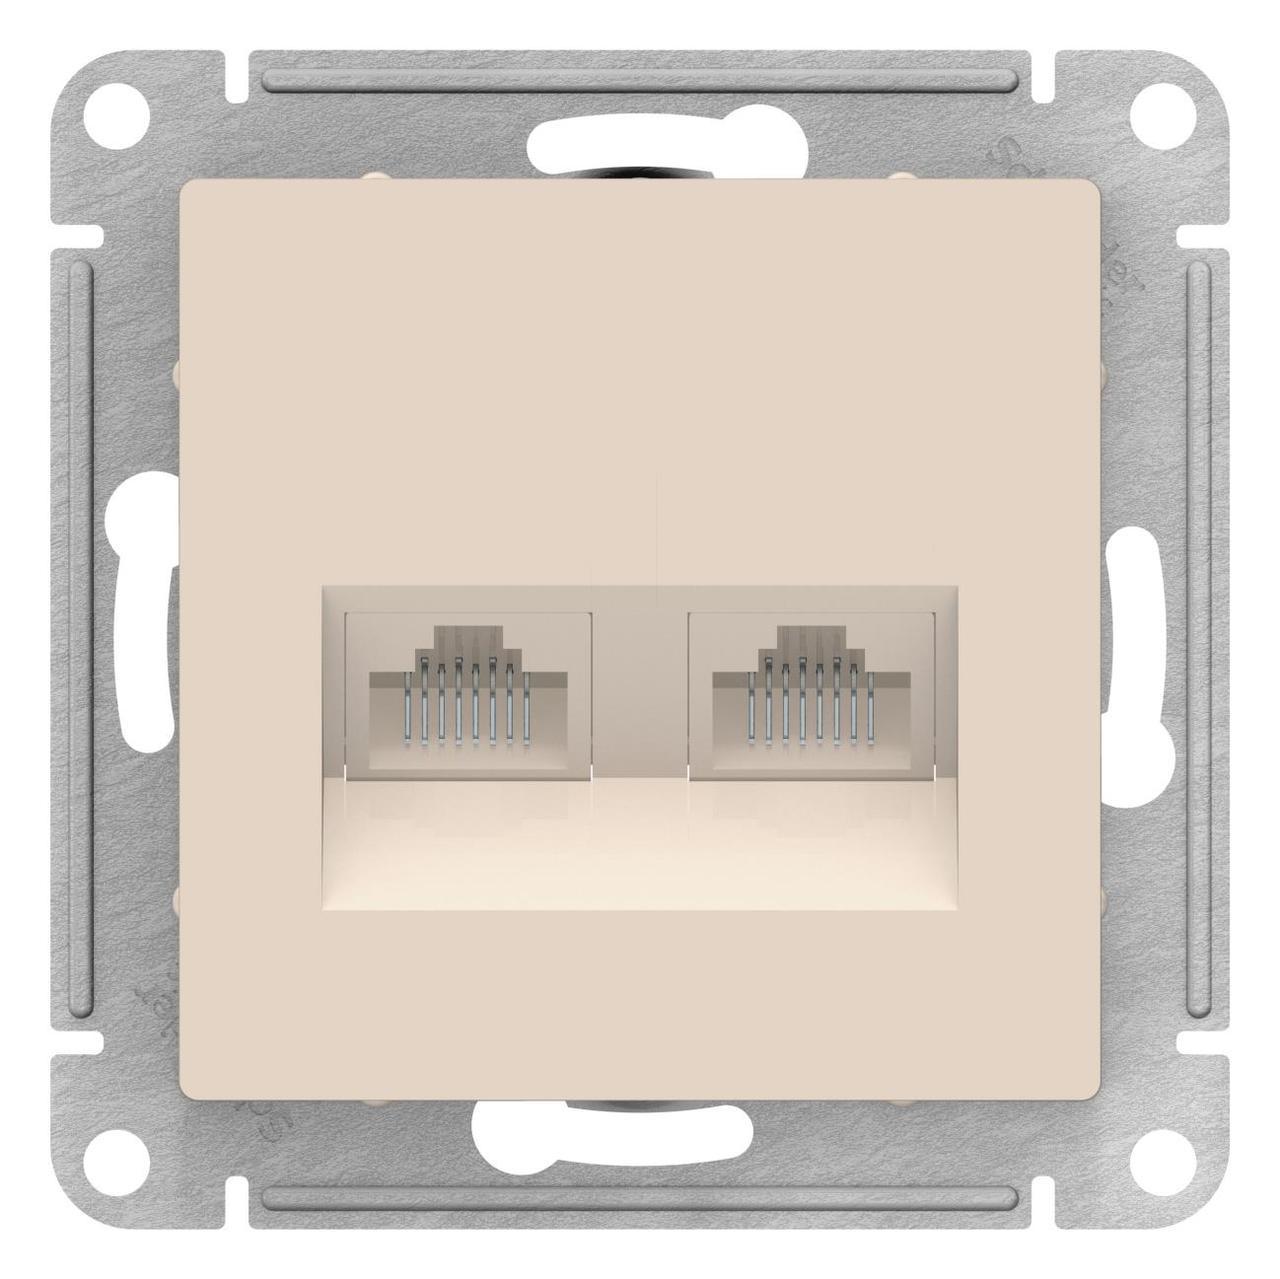 Розетка компьютерная 2-ая кат.5е, RJ-45 (интернет) , Бежевый, серия Atlas Design, Schneider Electric